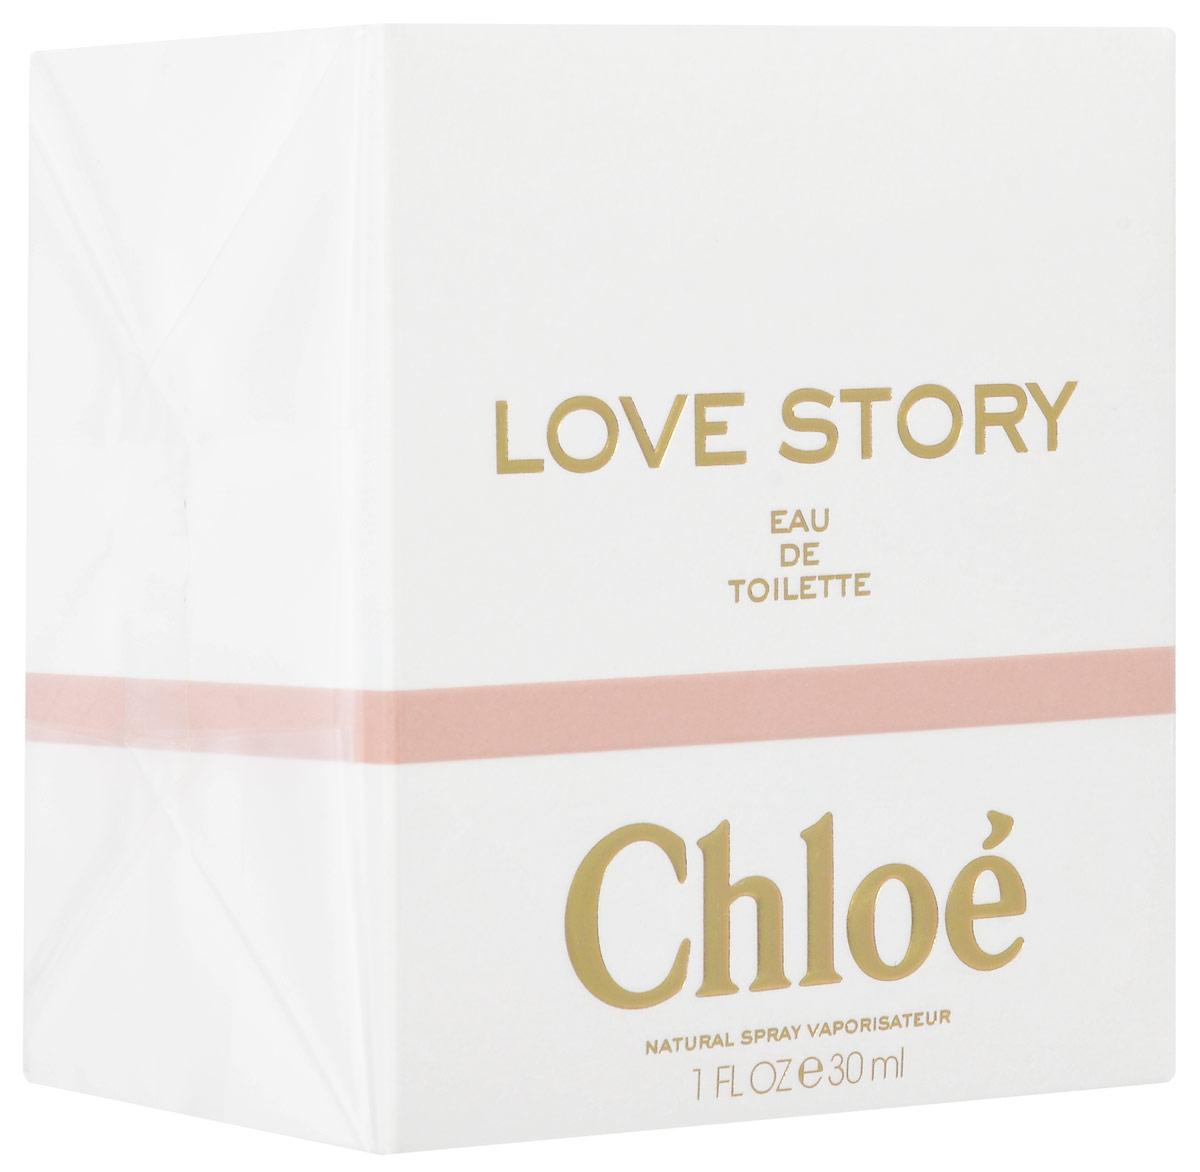 Chloe Love Story Туалетная вода женская 30 мл64990440000Особенное утро, наполненное сверкающим светом. Нежный цветочный аромат бутонов апельсина сливается со свежестью утренней росы. Она вспоминает их смех. Искры настурции, легкая перчинка - эти ноты заставляют ее трепетать от неги. Этот цветок - символ любви, который дается лишь тому, кто готов открыть своё сердце. Воспоминания о пламенном свидании в пустом городе, они - рука об руку. Настоящая близость. Цветущая слива раскрывает природную чувственность. Невероятно изысканное звучание, обрамленное цветочными нотами. Туалетная вода Chloe Love Story - это новая история любви. Свежий, цветочный и очень чувственный аромат. Чистый соблазн, нанесенный на кожу.Верхняя нота: Бергамот; ноты сердца: Апельсин, Слива, Настурция, Ландыш.Средняя нота: Роза.Шлейф: белый мускус.Цветущая слива раскрывает природную чувственность.Дневной и вечерний аромат.